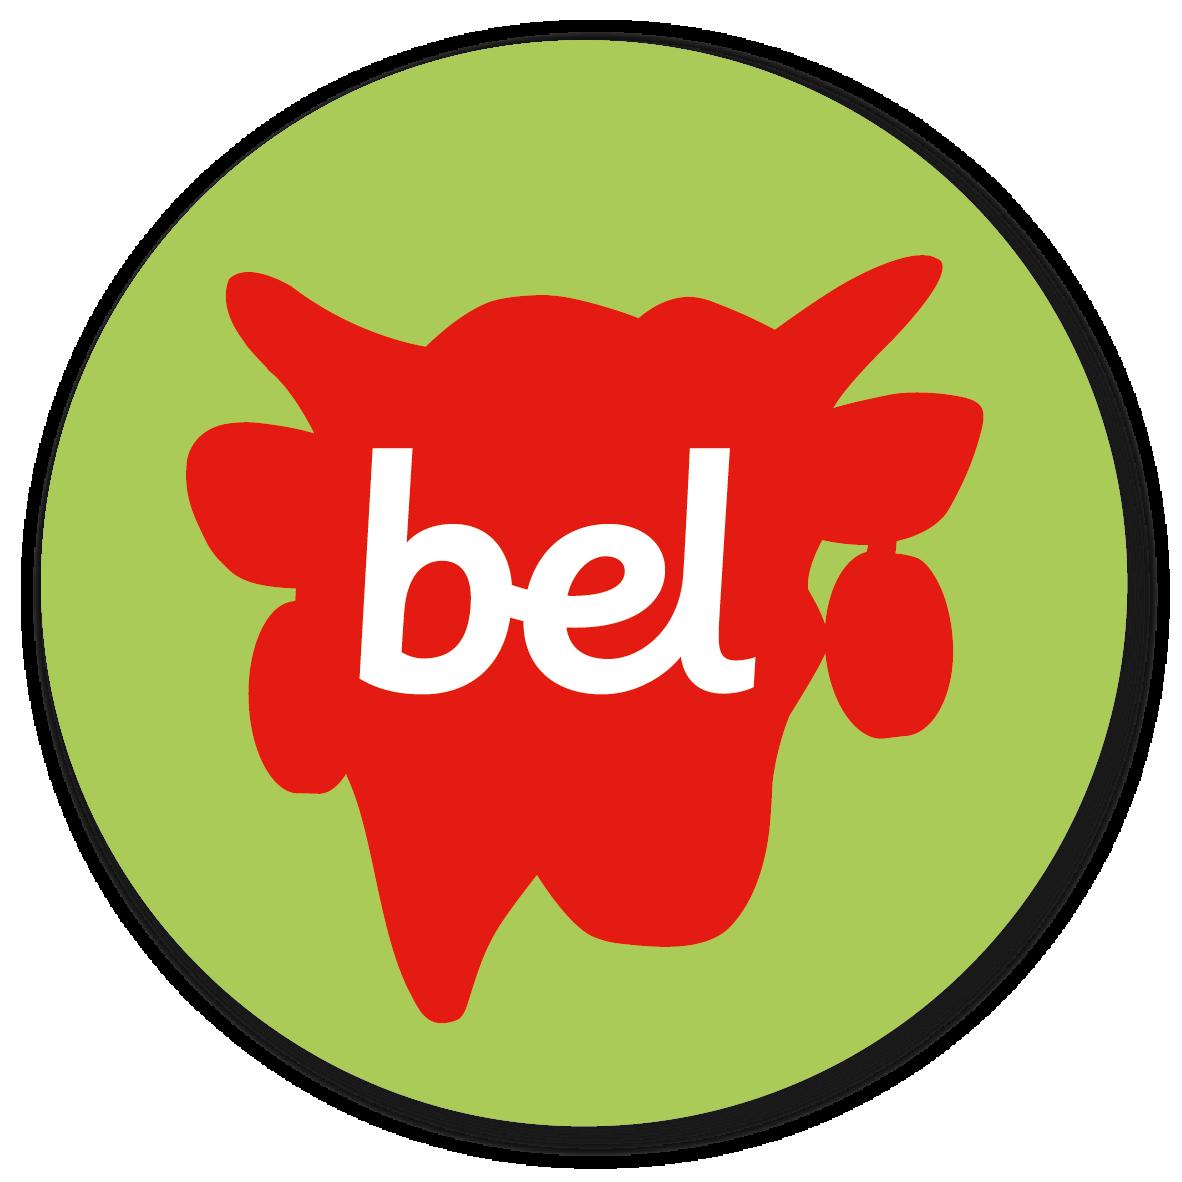 BEL_logo-01.png